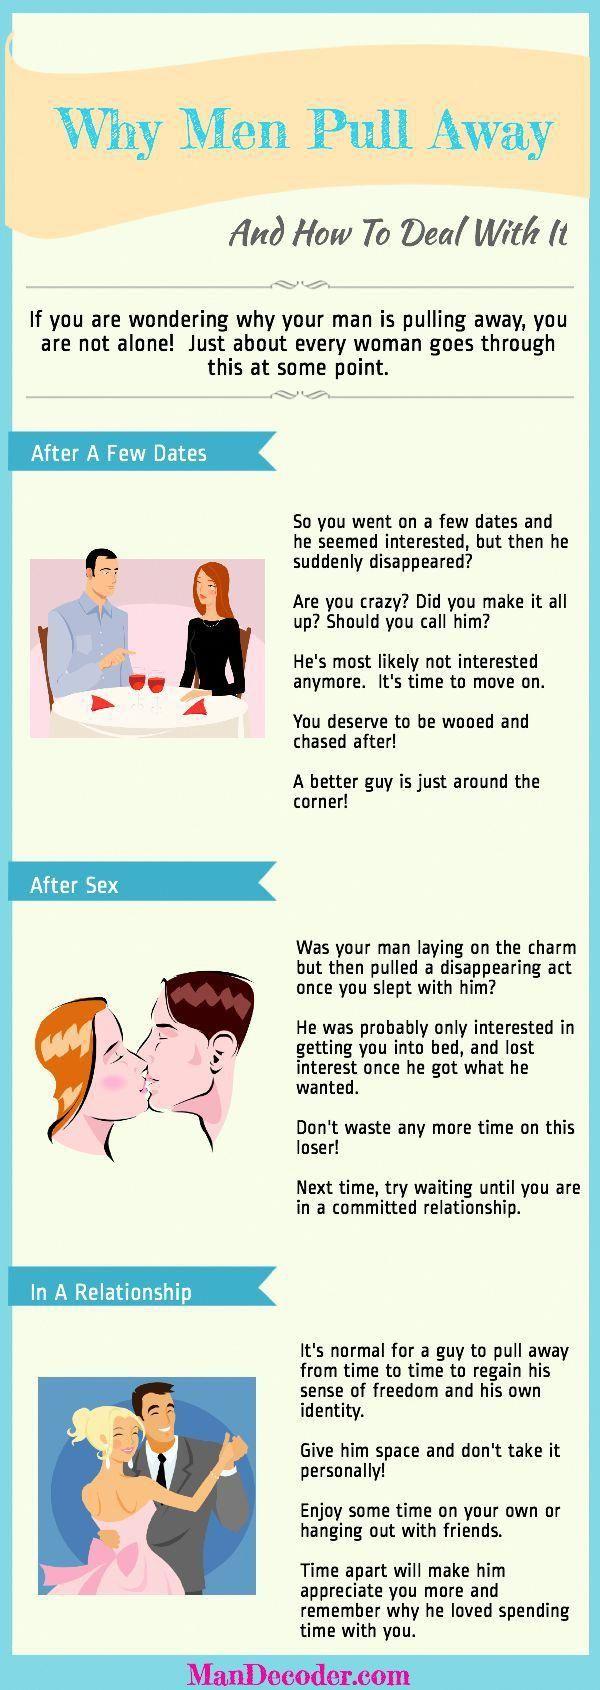 Advies flirten